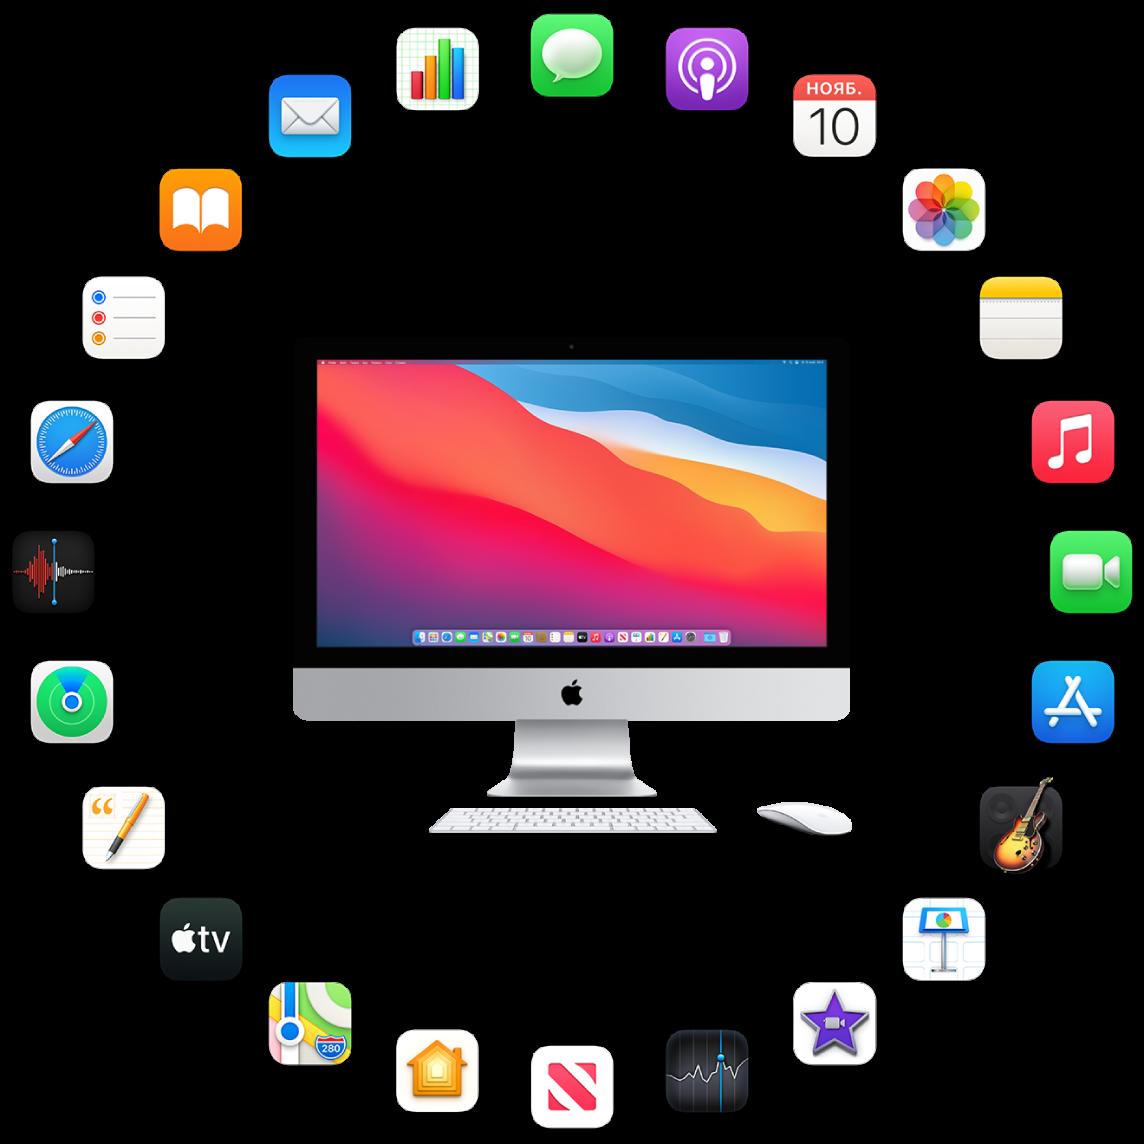 iMac и значки установленных на нем приложений. Они описаны в следующих разделах.